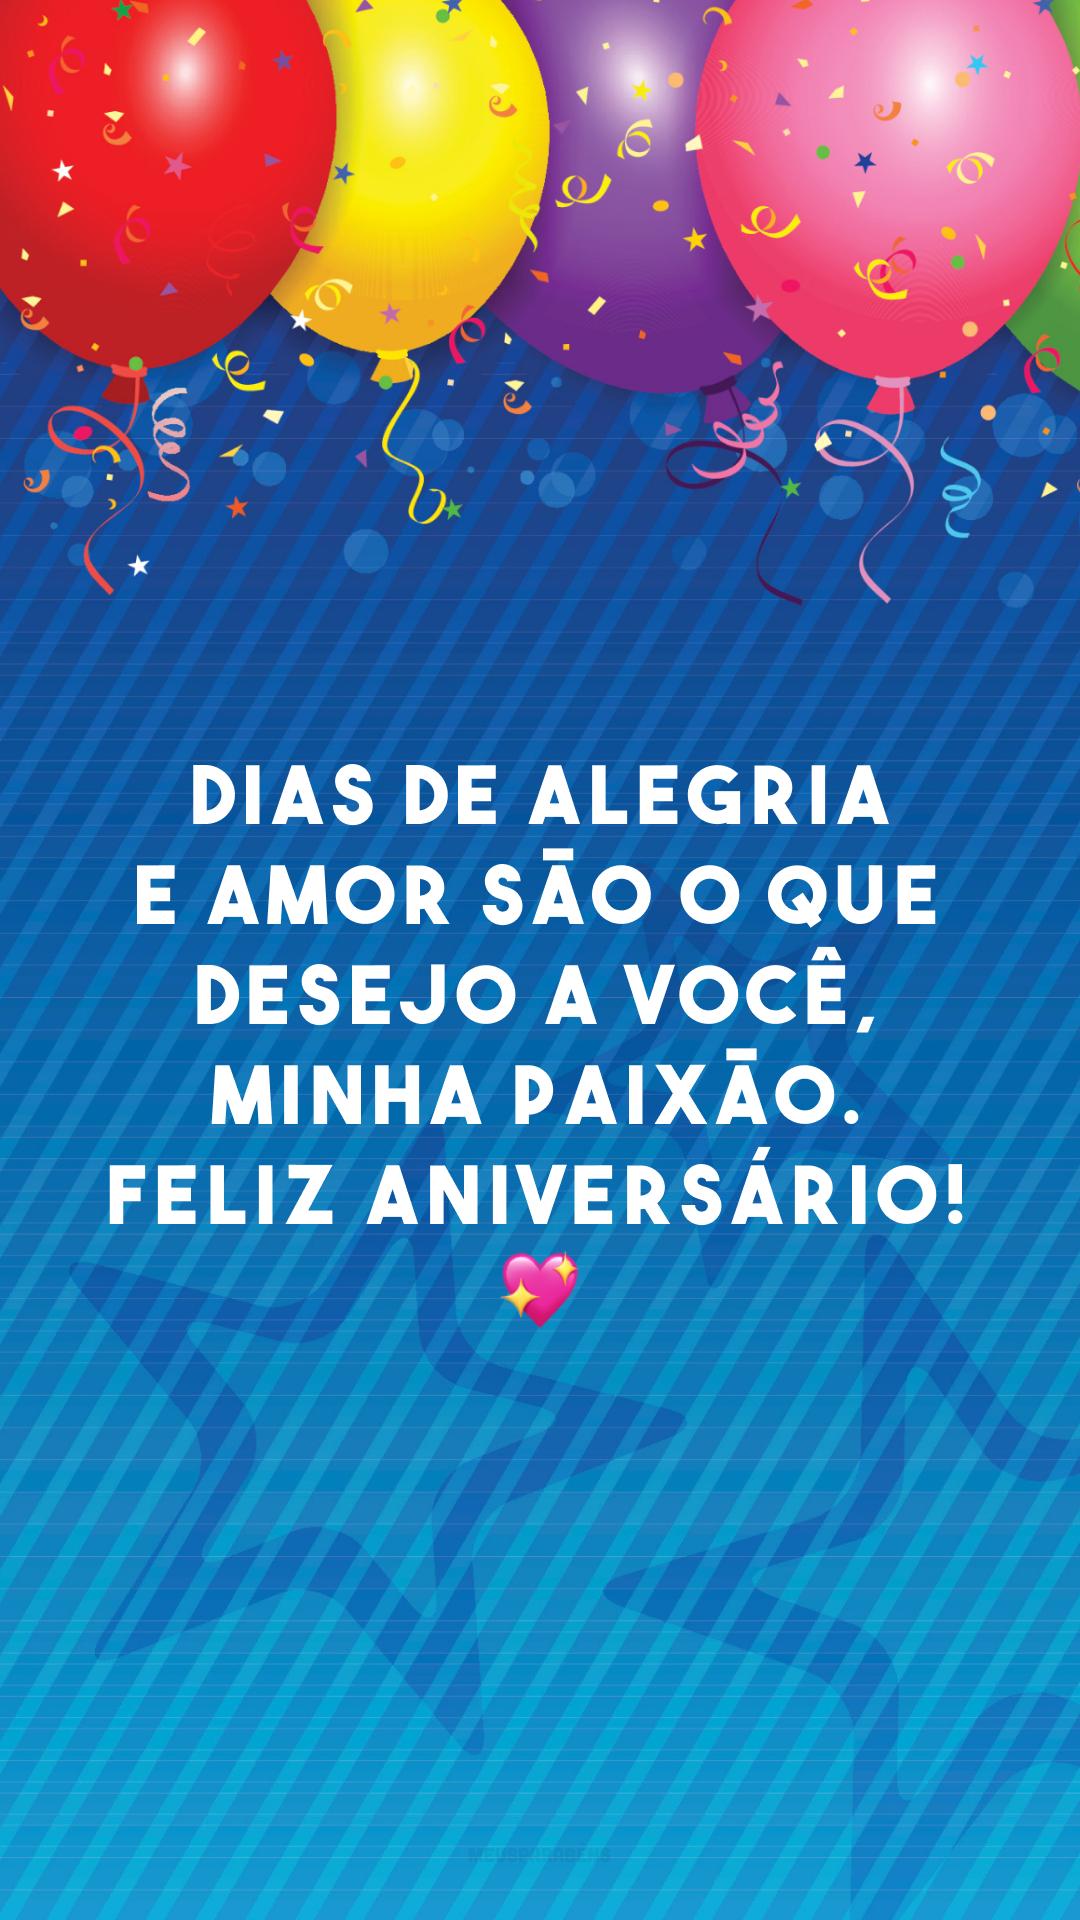 Dias de alegria e amor são o que desejo a você, minha paixão. Feliz aniversário! 💖